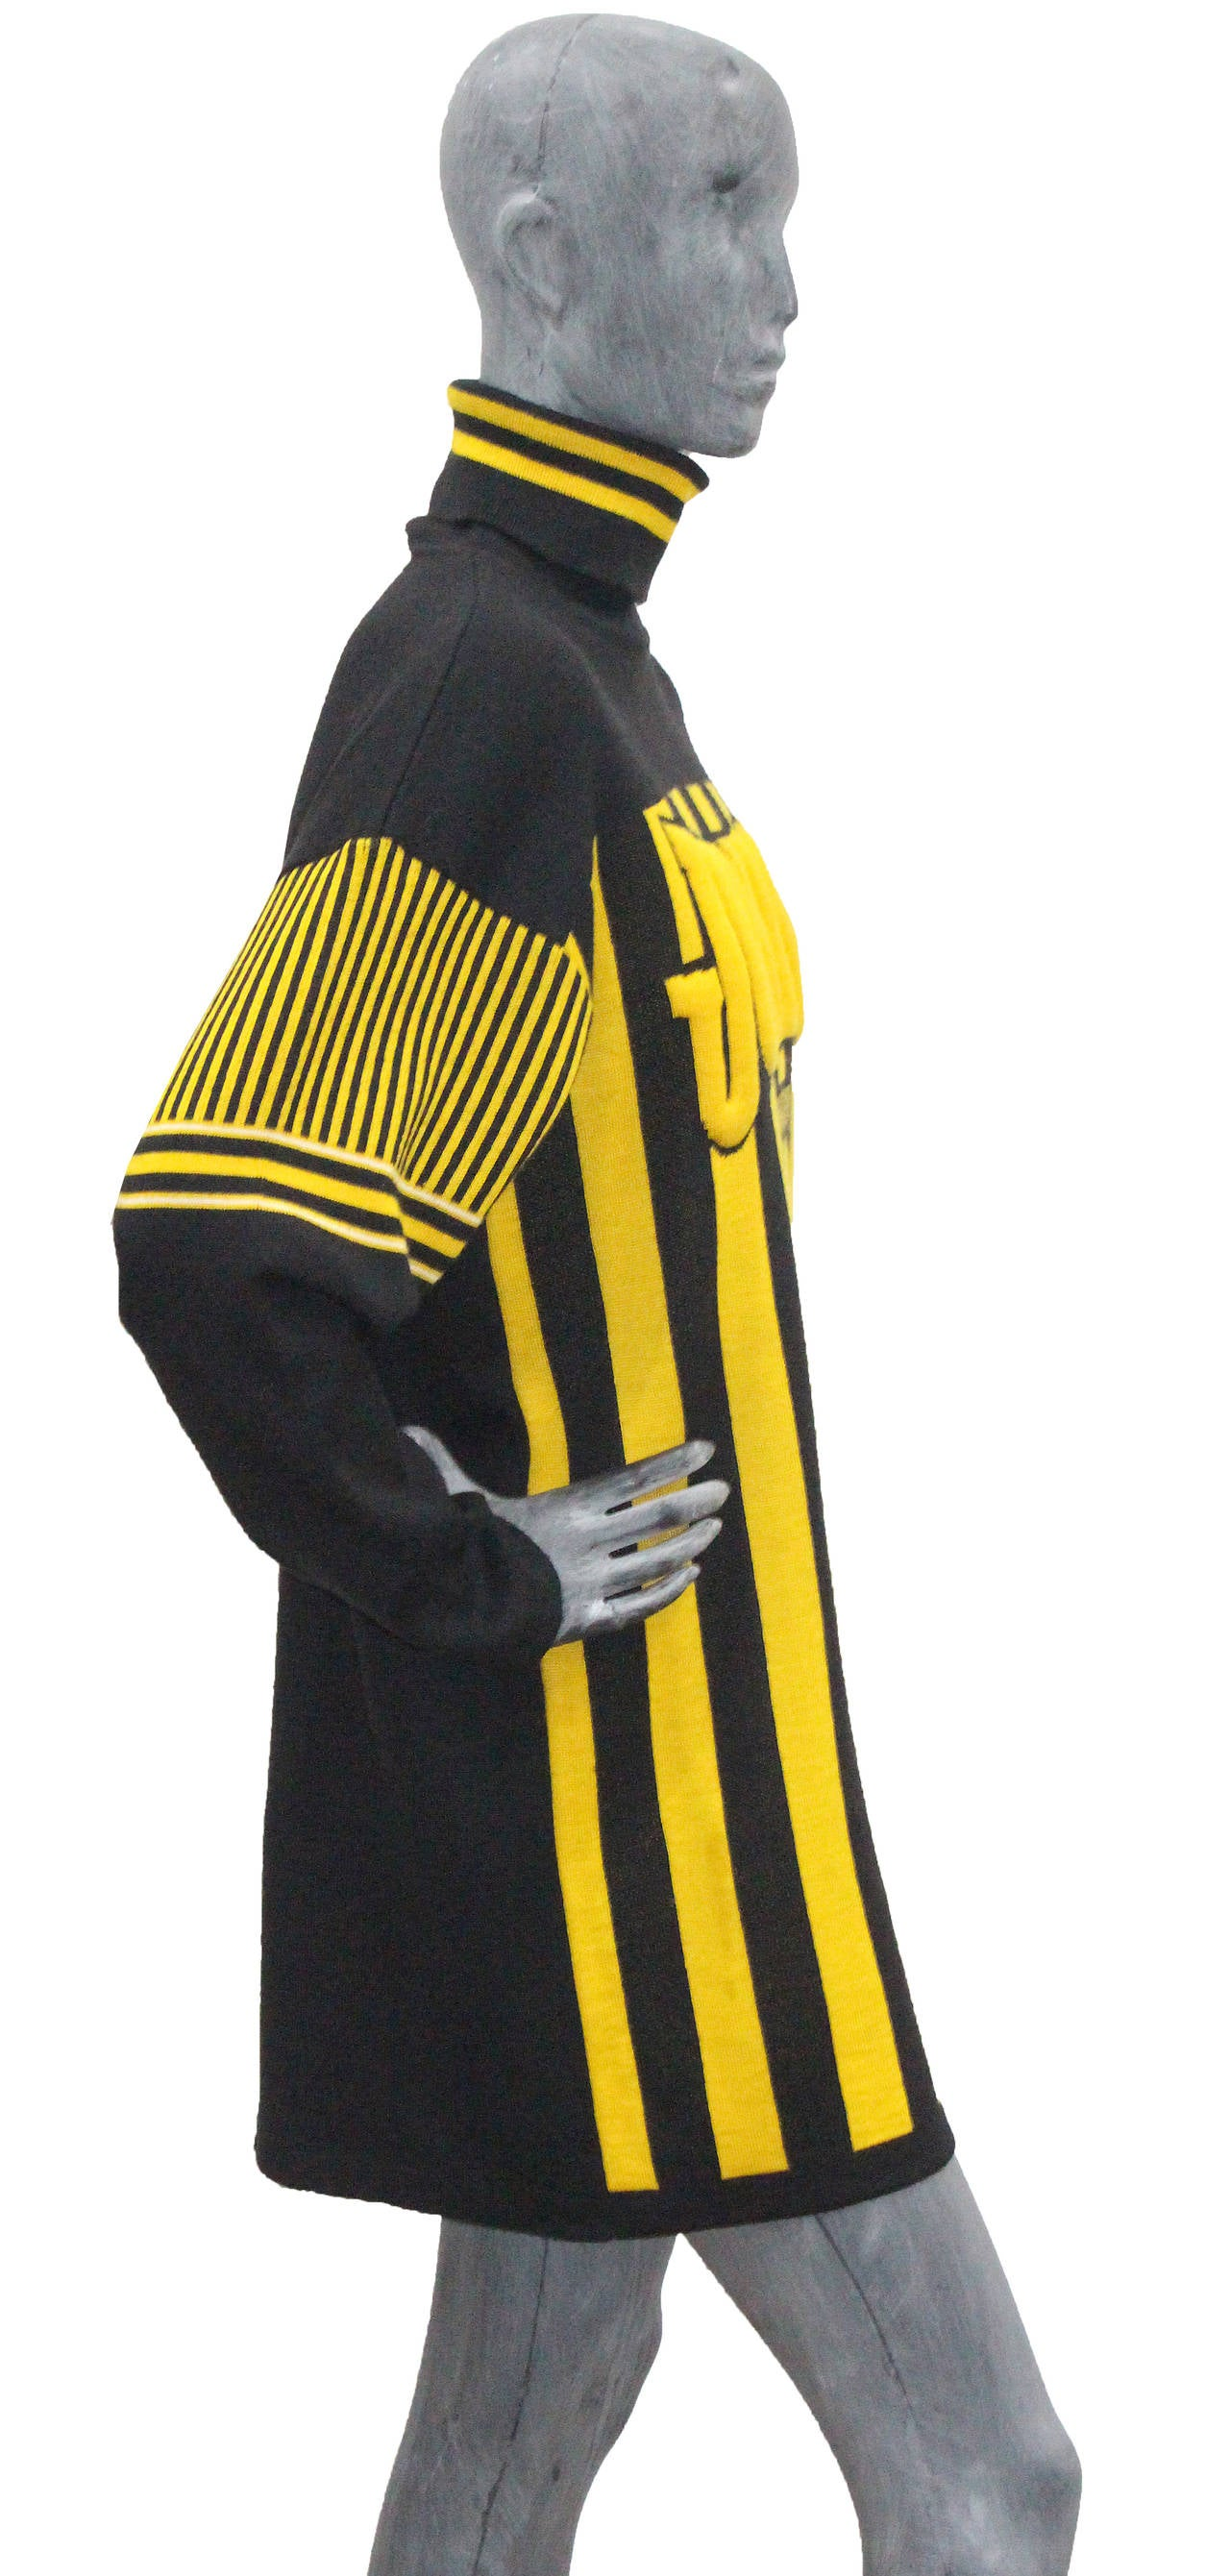 Women's A rare 1980s Jean Paul Gaultier Football Knitted Sweater Dress